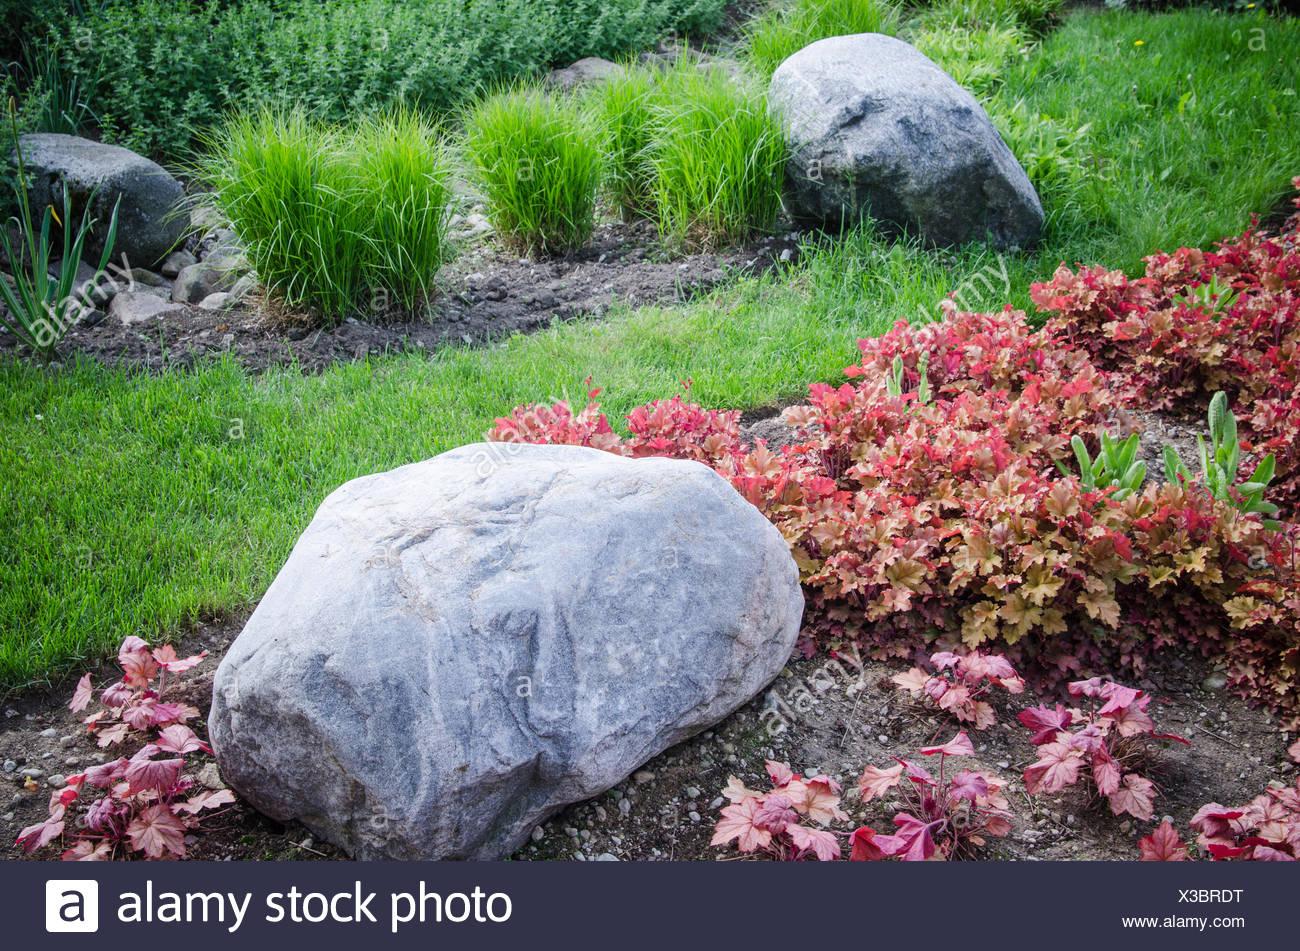 Dekorative Beet in einem Garten mit Steinen und Pflanzen, close-up ...